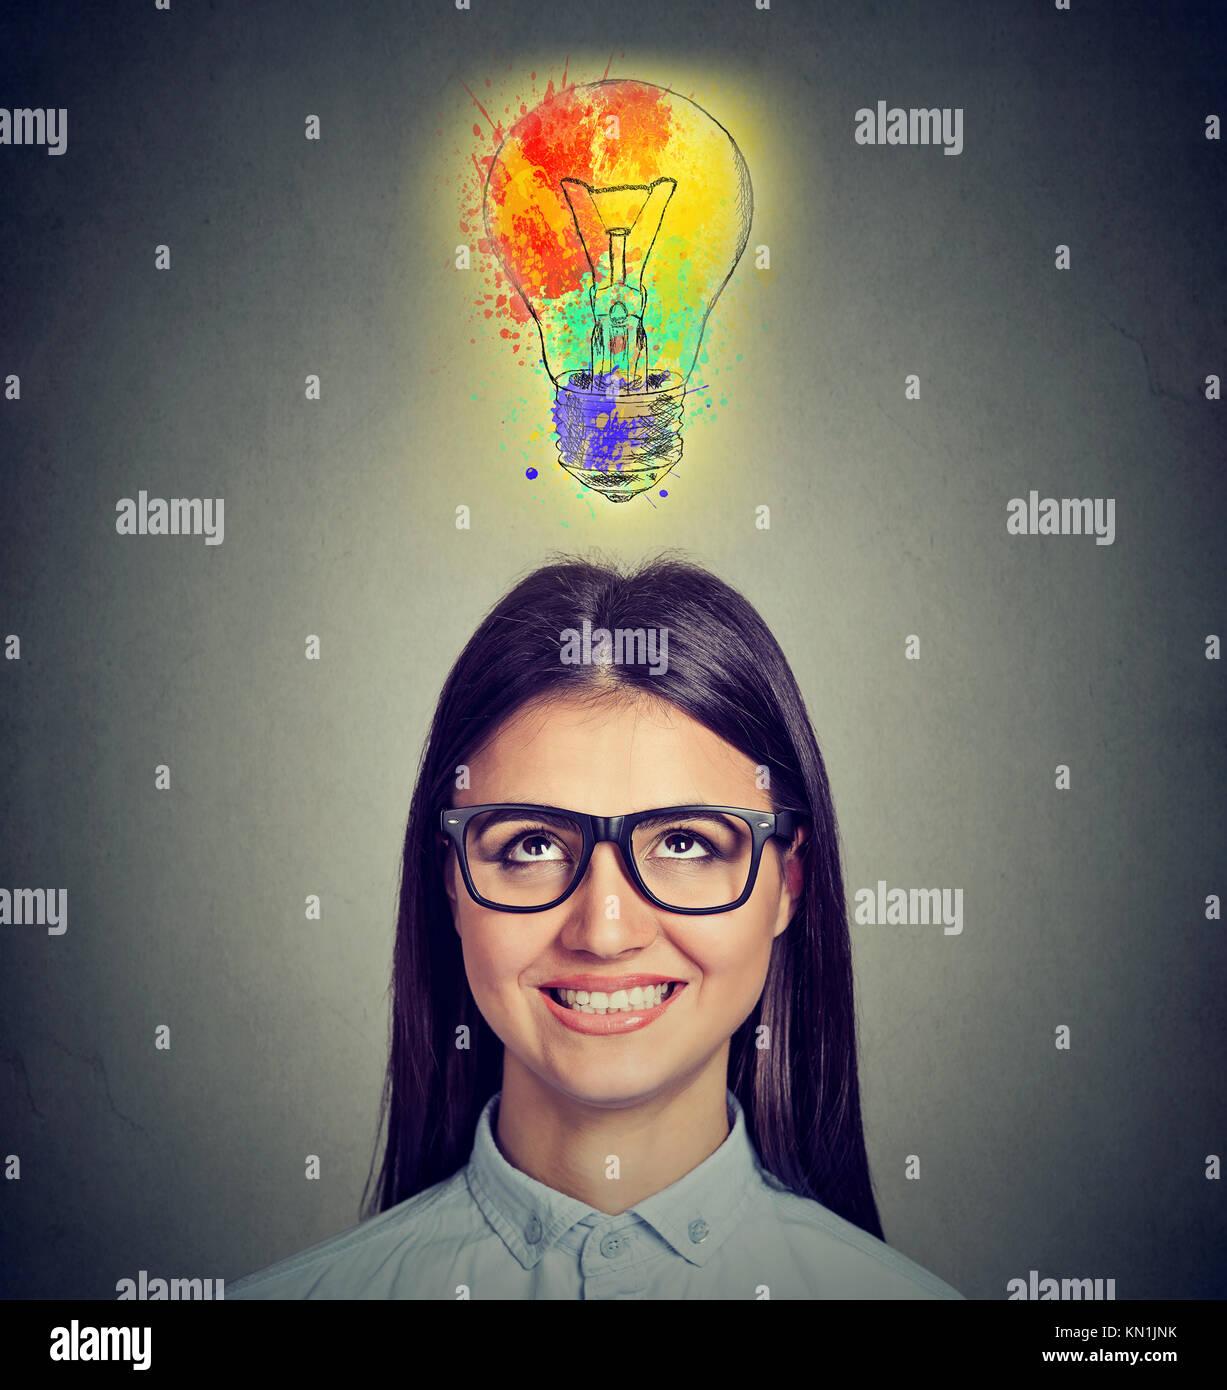 Ritratto di una donna con gli occhiali e idea creativa guardando il colorato lampadina di luce su uno sfondo grigio. Immagini Stock